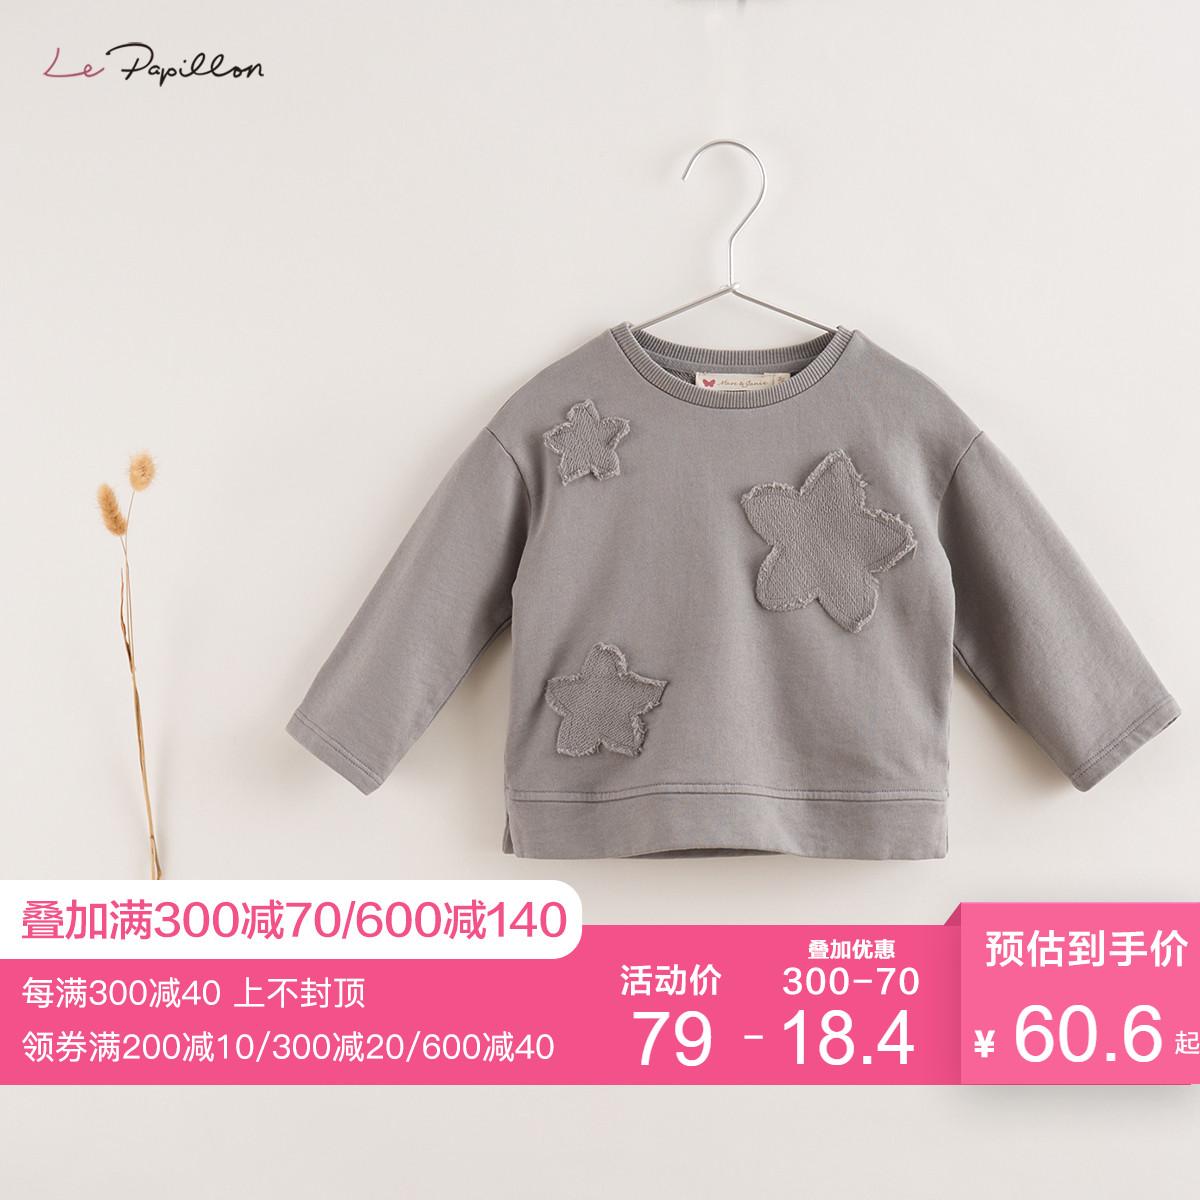 【打折清仓】马克珍妮女童春装五角星纯棉卫衣 宝宝上衣17085